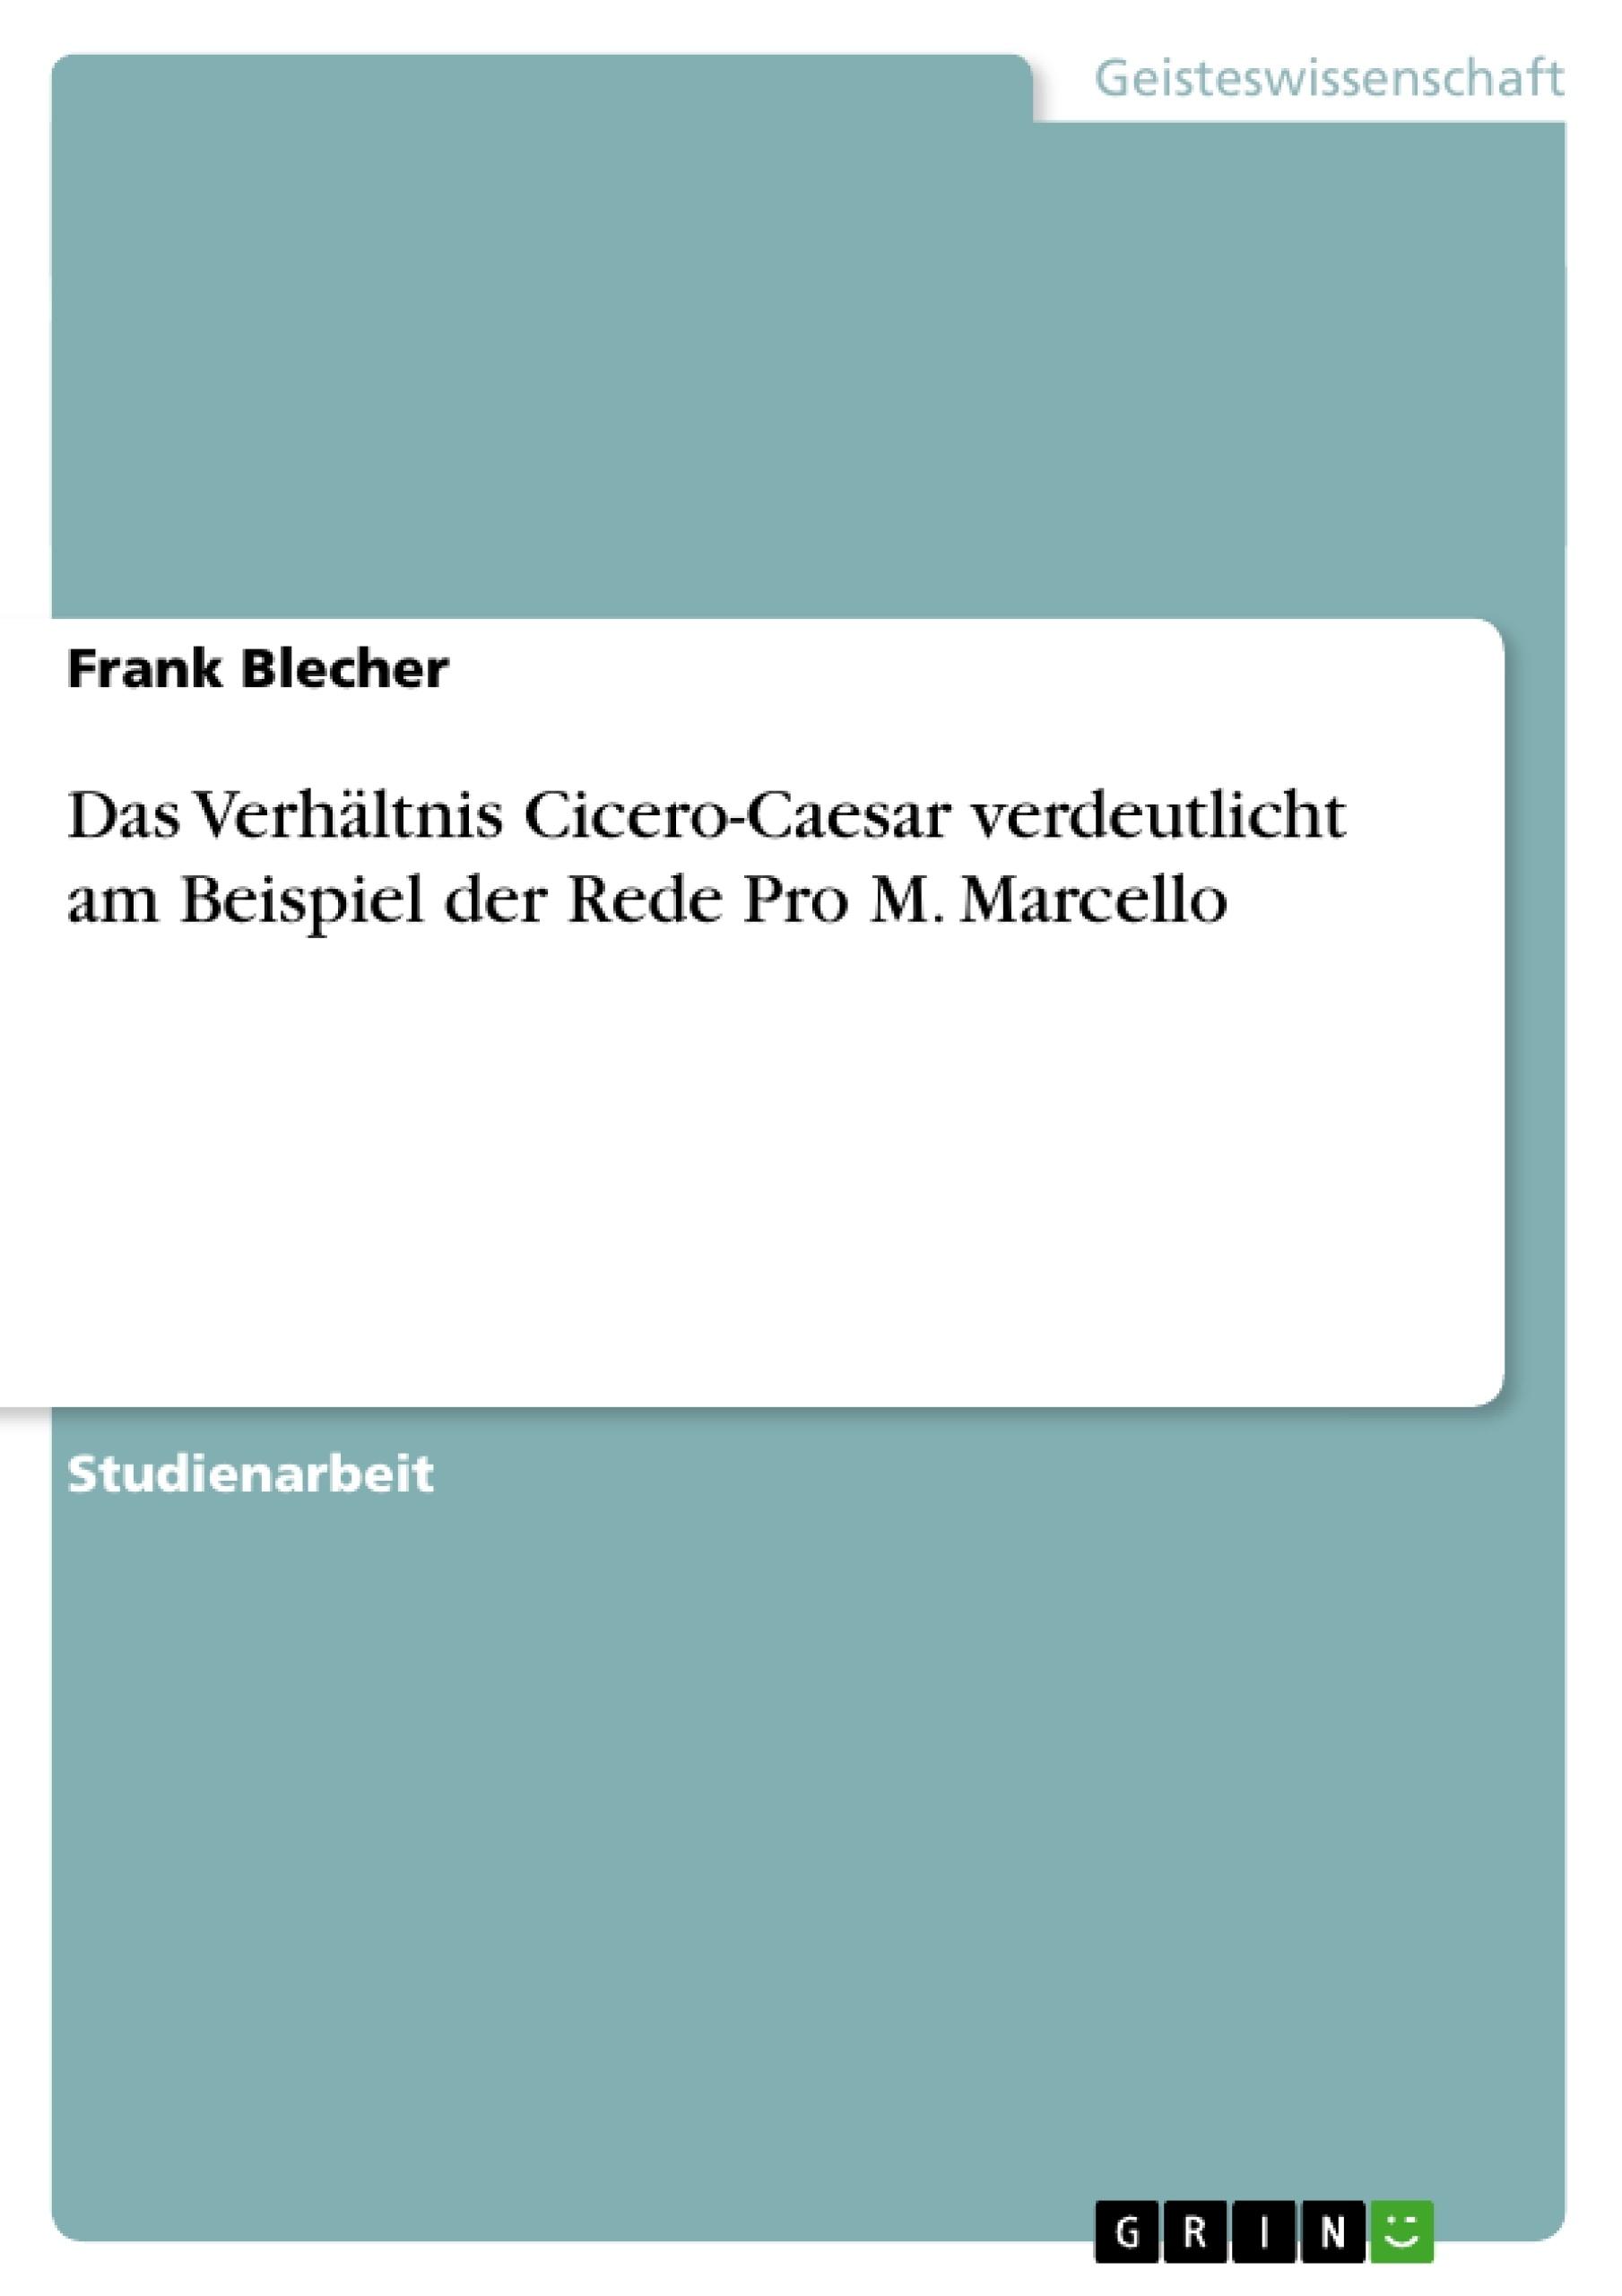 Titel: Das Verhältnis Cicero-Caesar verdeutlicht am Beispiel der Rede Pro M. Marcello